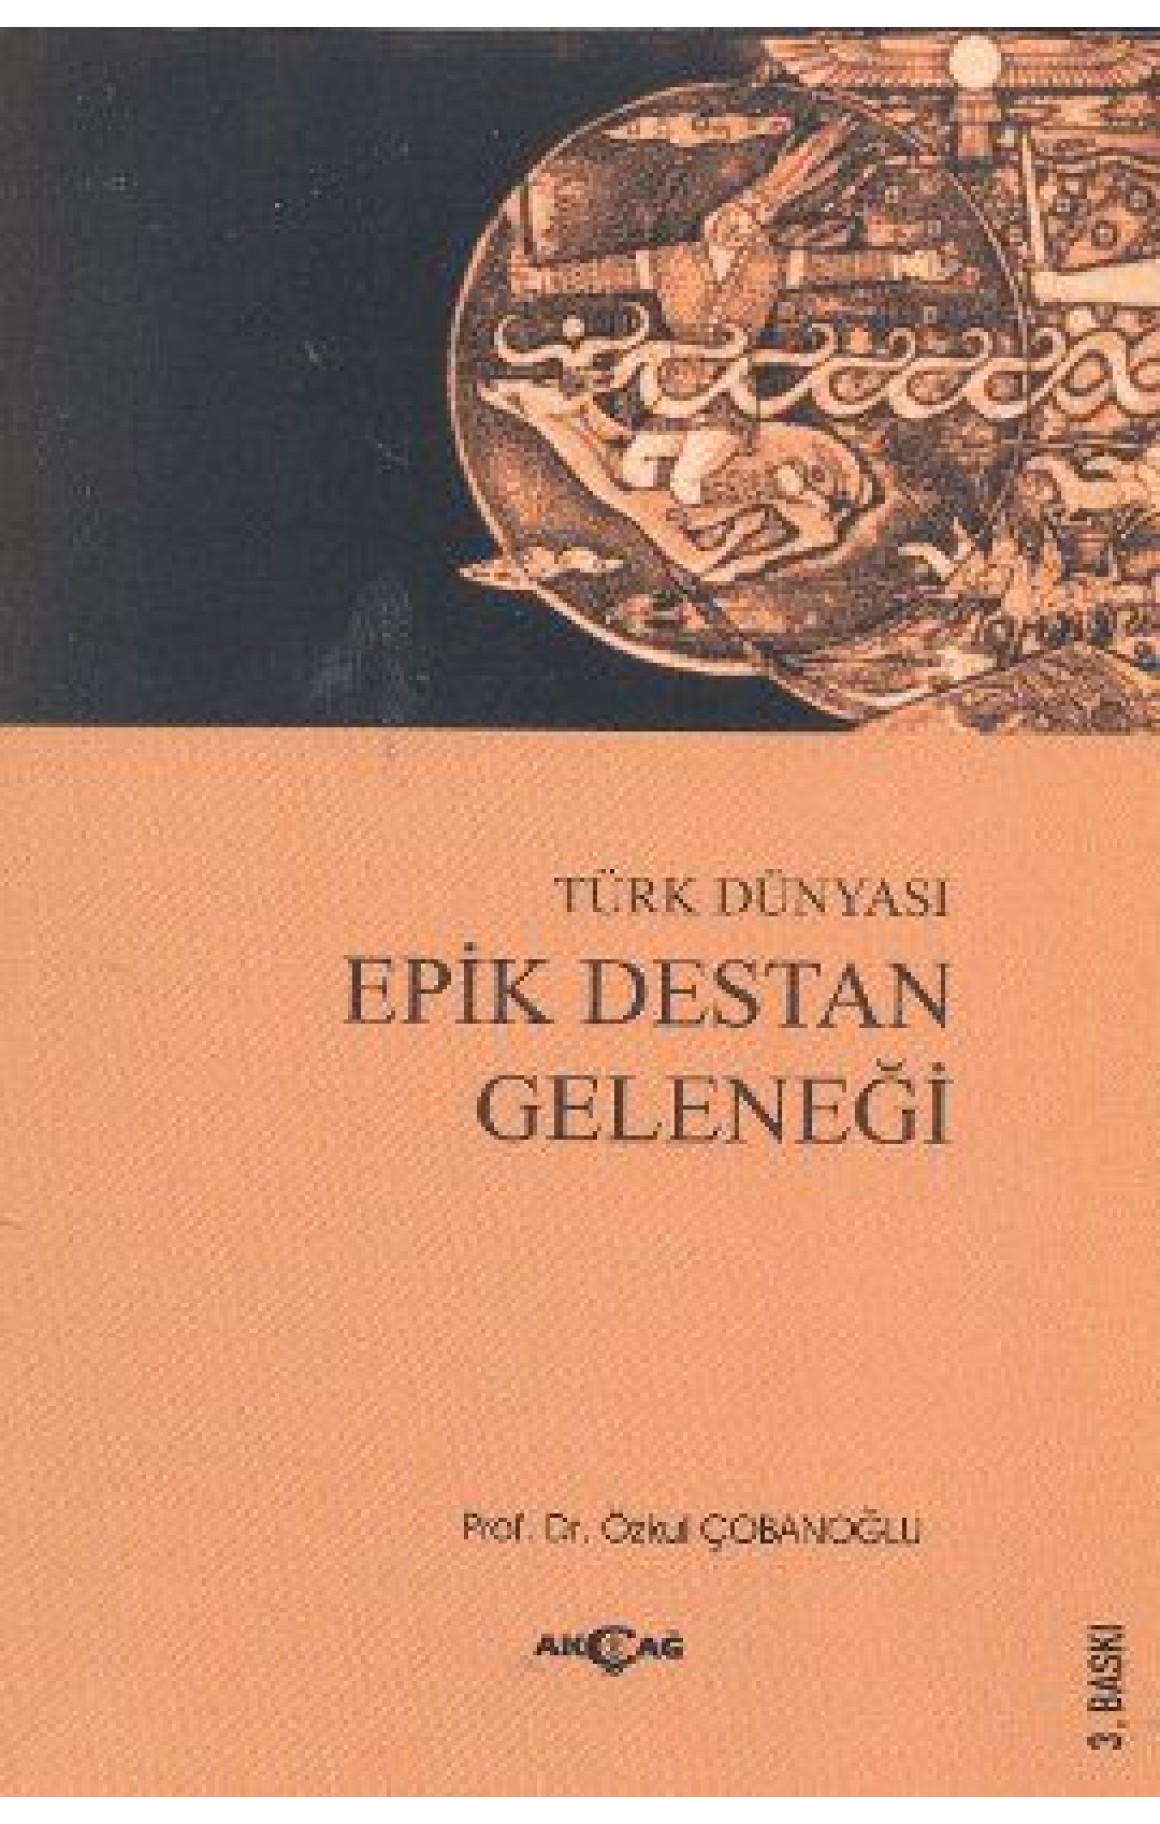 Türk Dünyası Epik Destan Geleneği